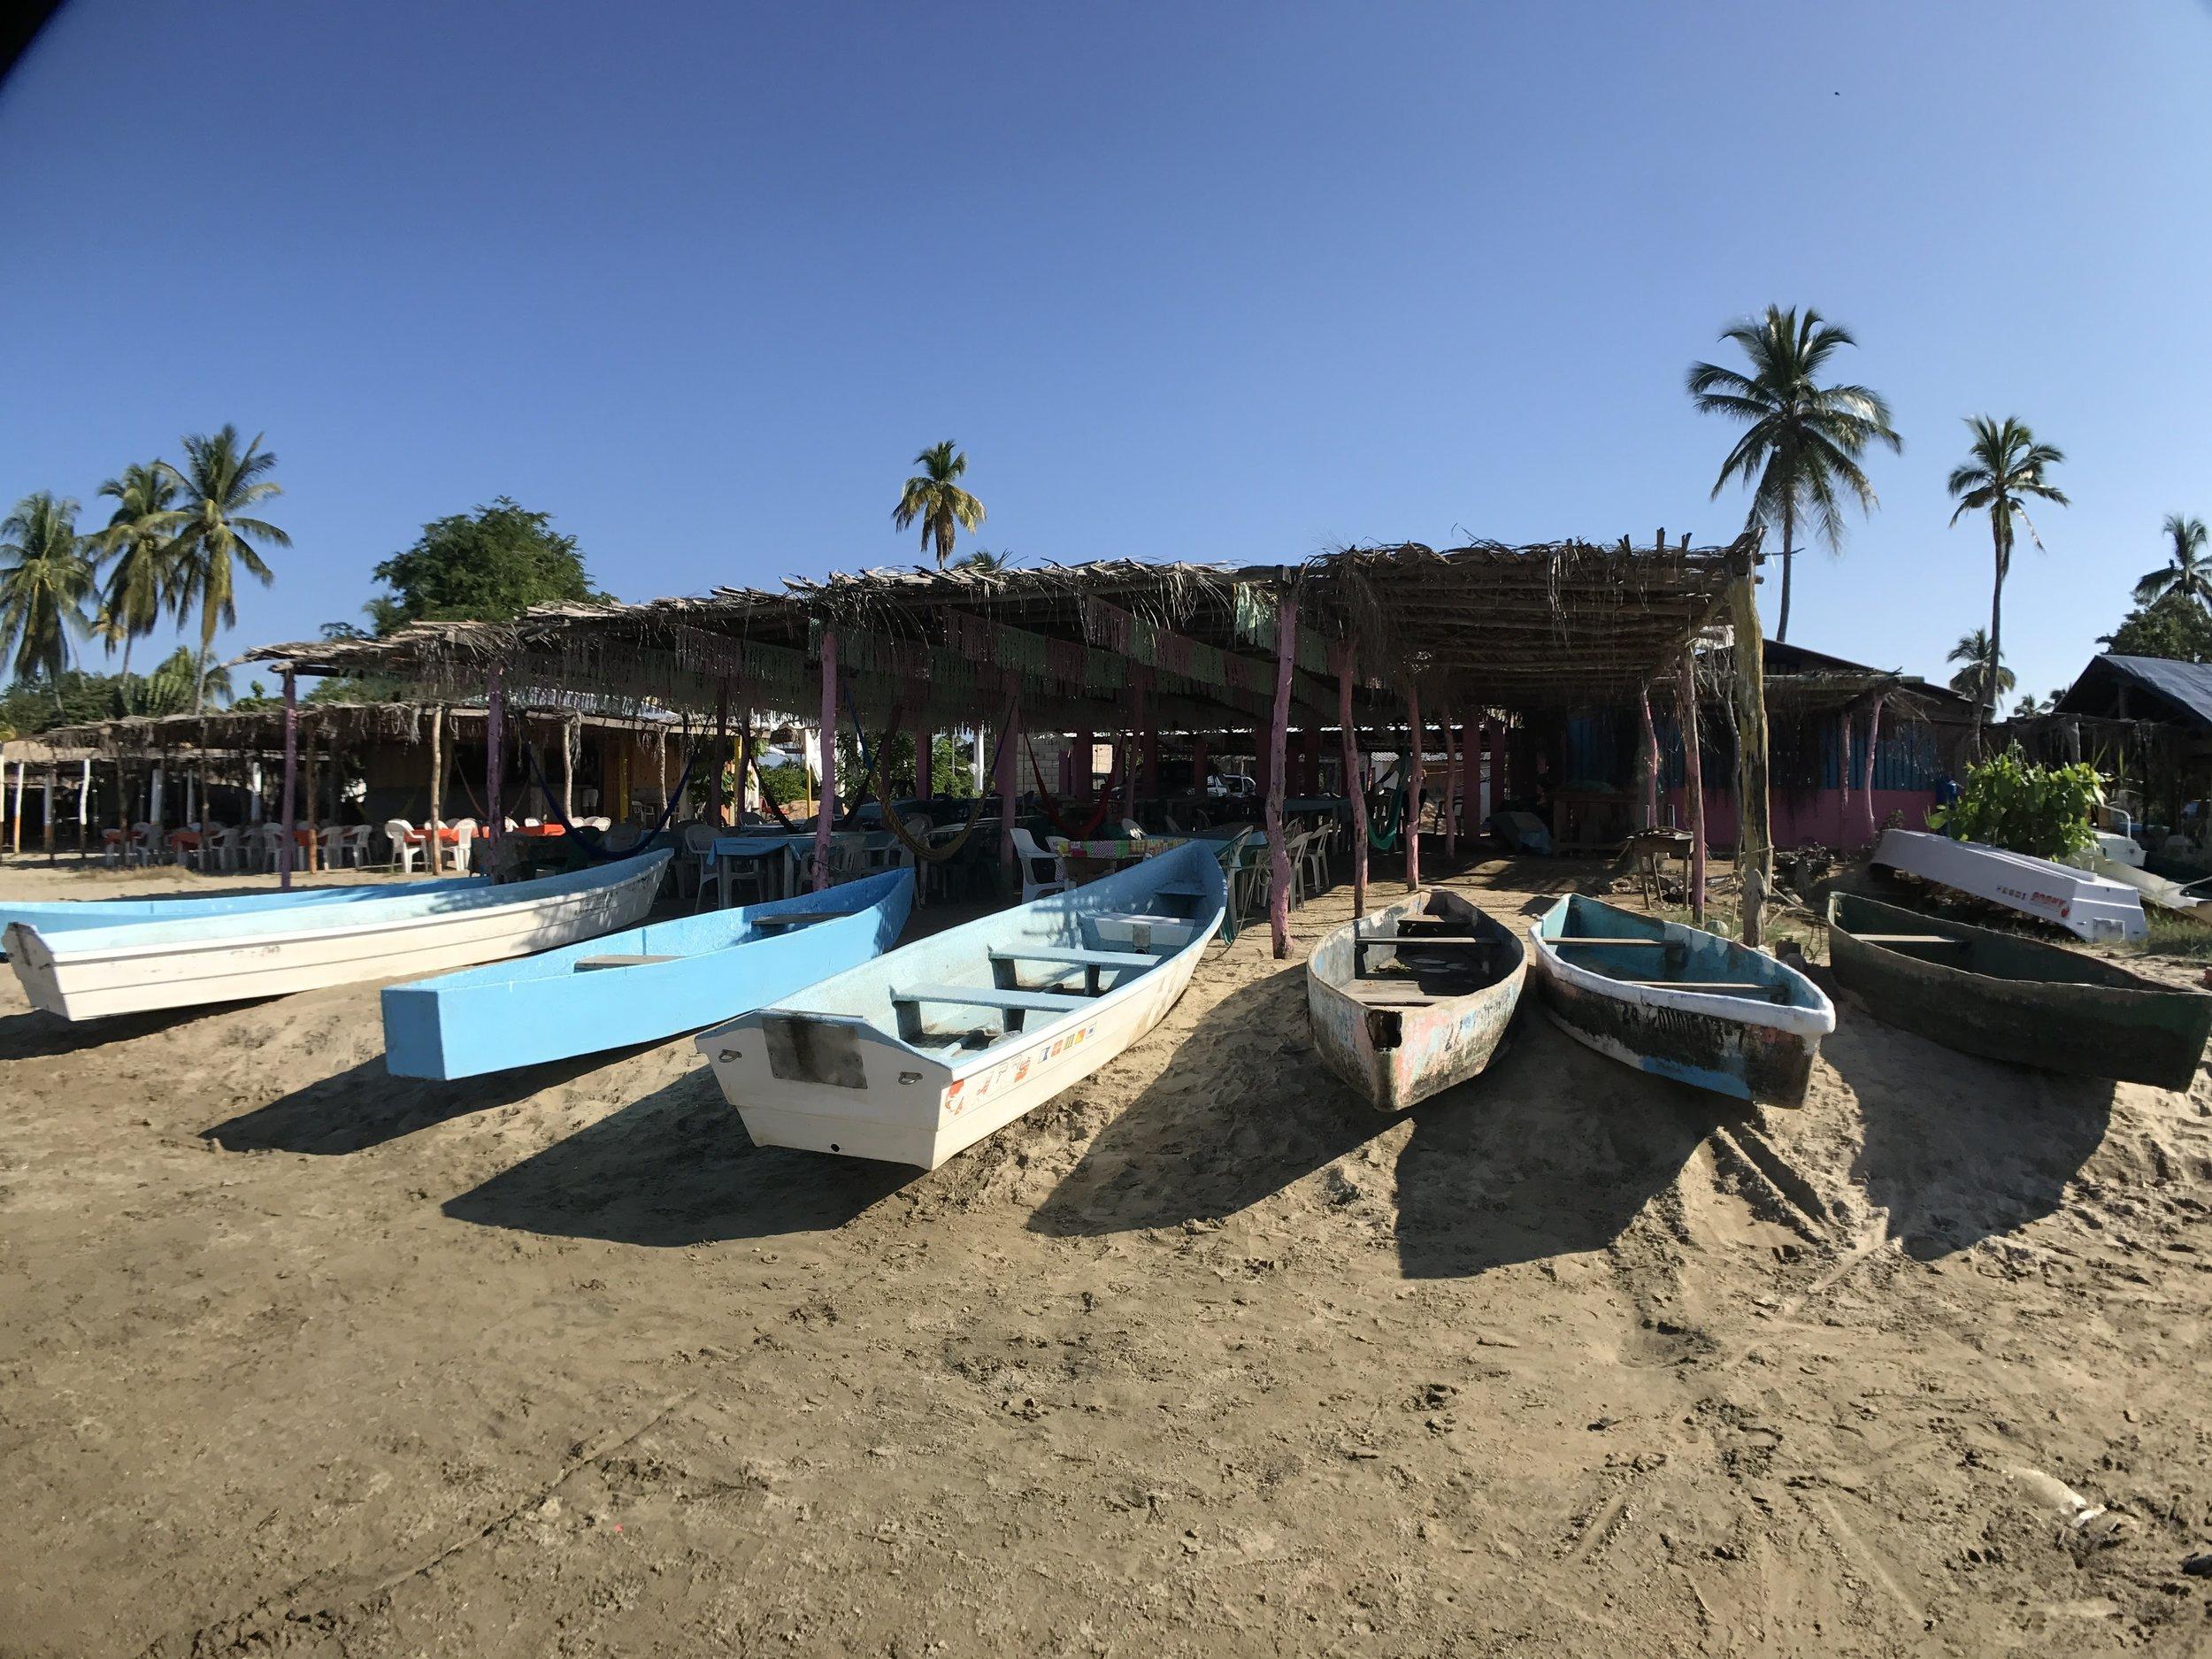 6 things to do in Zihuatanejo - Barra de Potosi Mangrove Boats